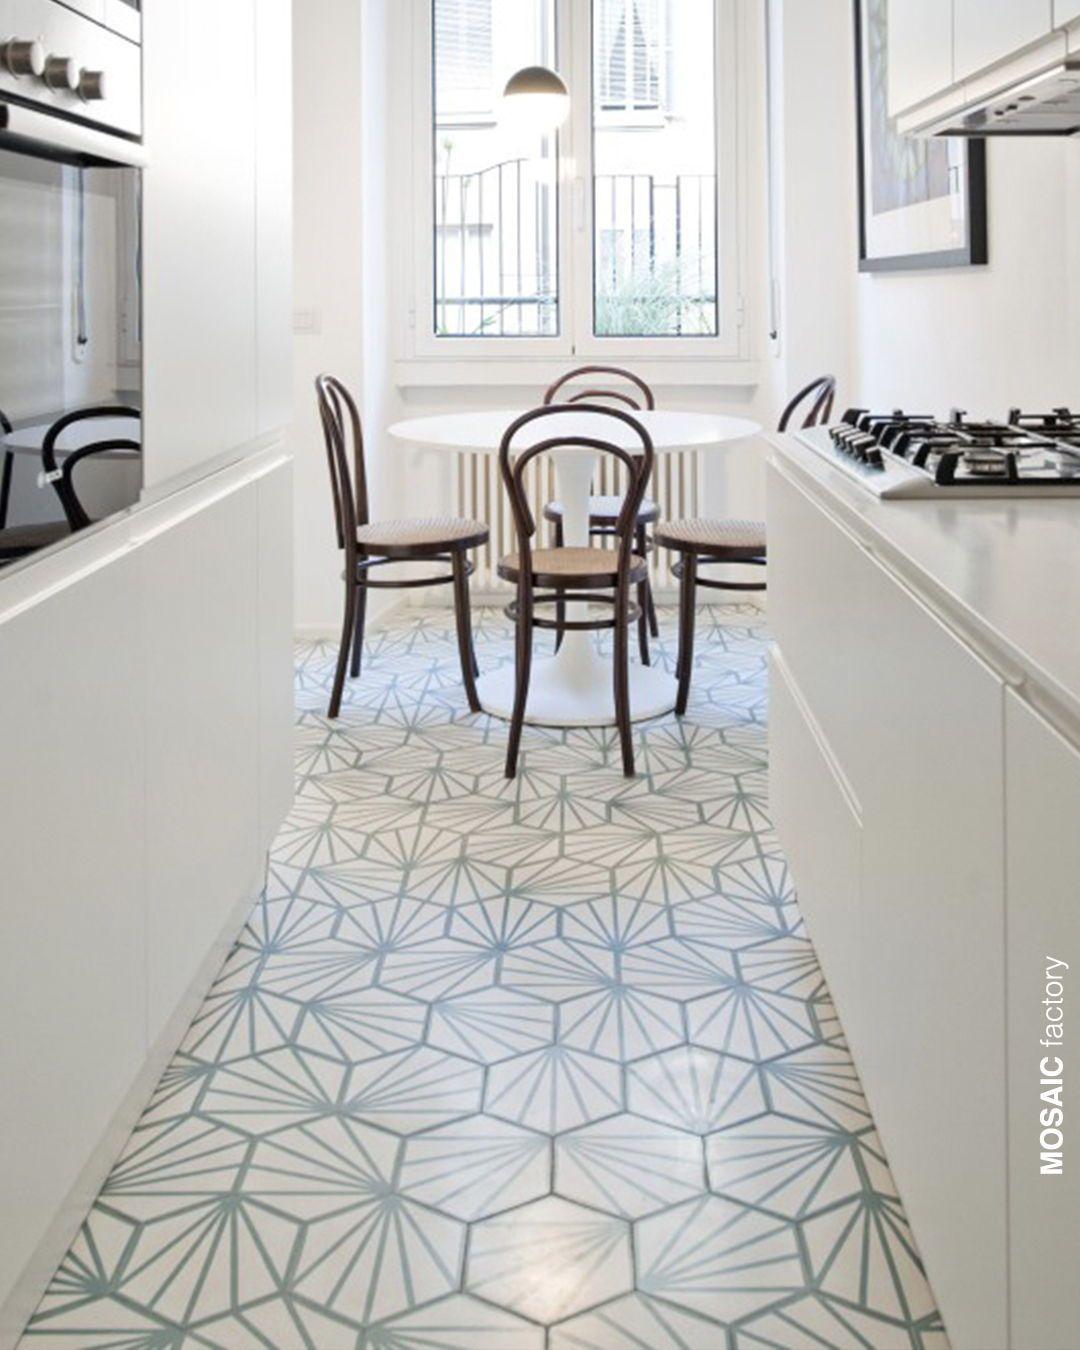 Moderne weiße Küche mit gemusterten sechseckigen